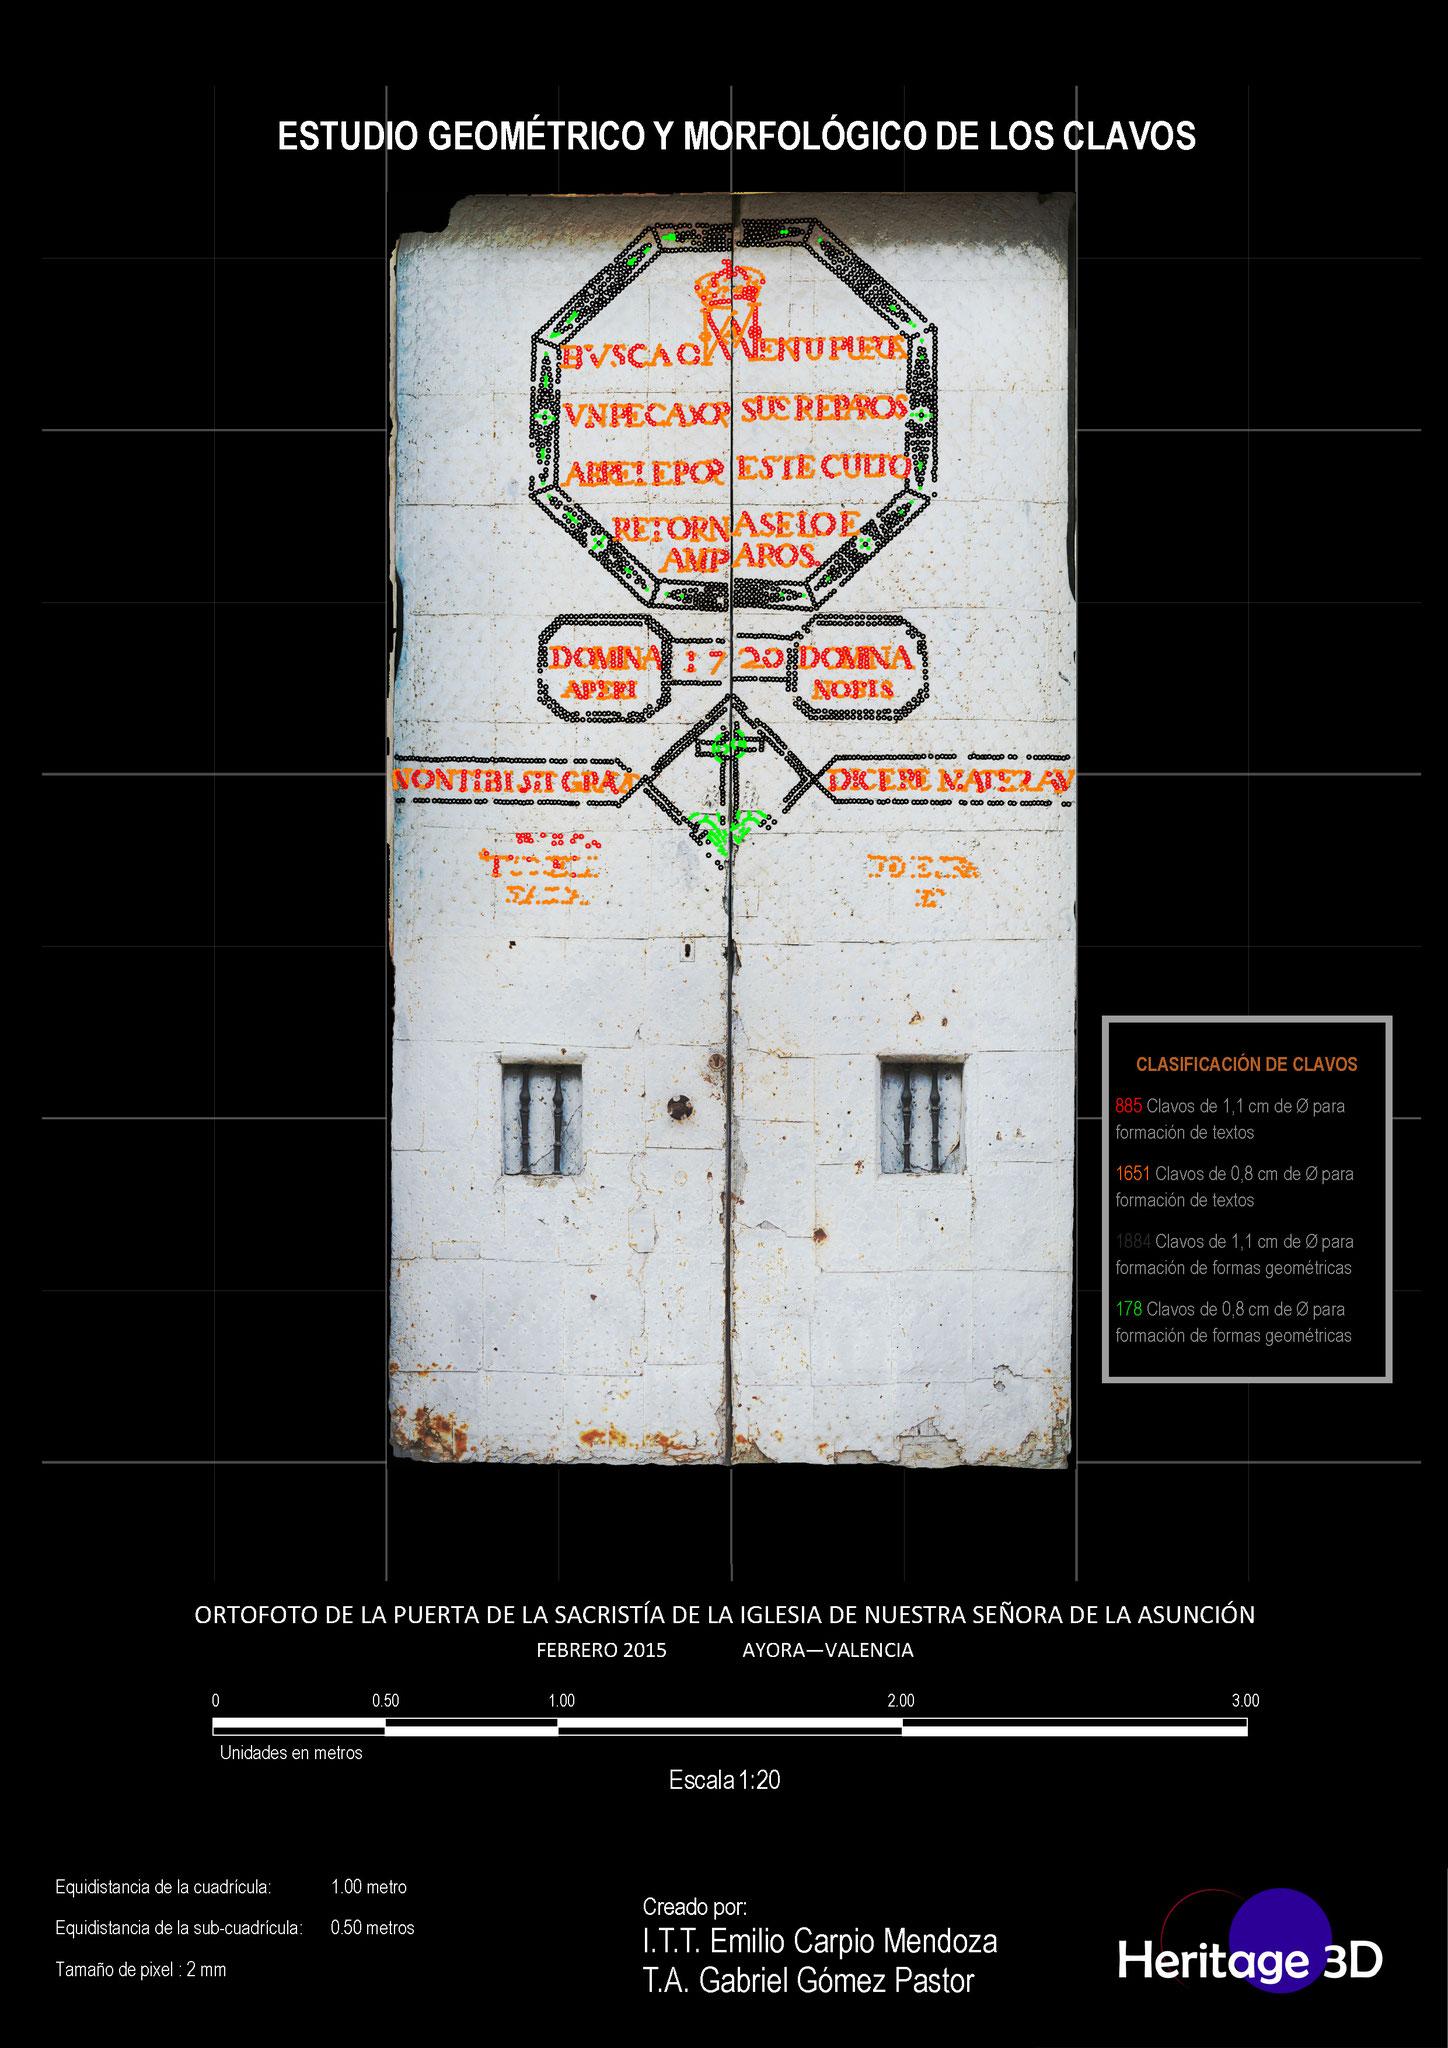 Análisis de morfología de la puerta de entrada a la sacristía de Iglesia de la Virgen de la Asunción